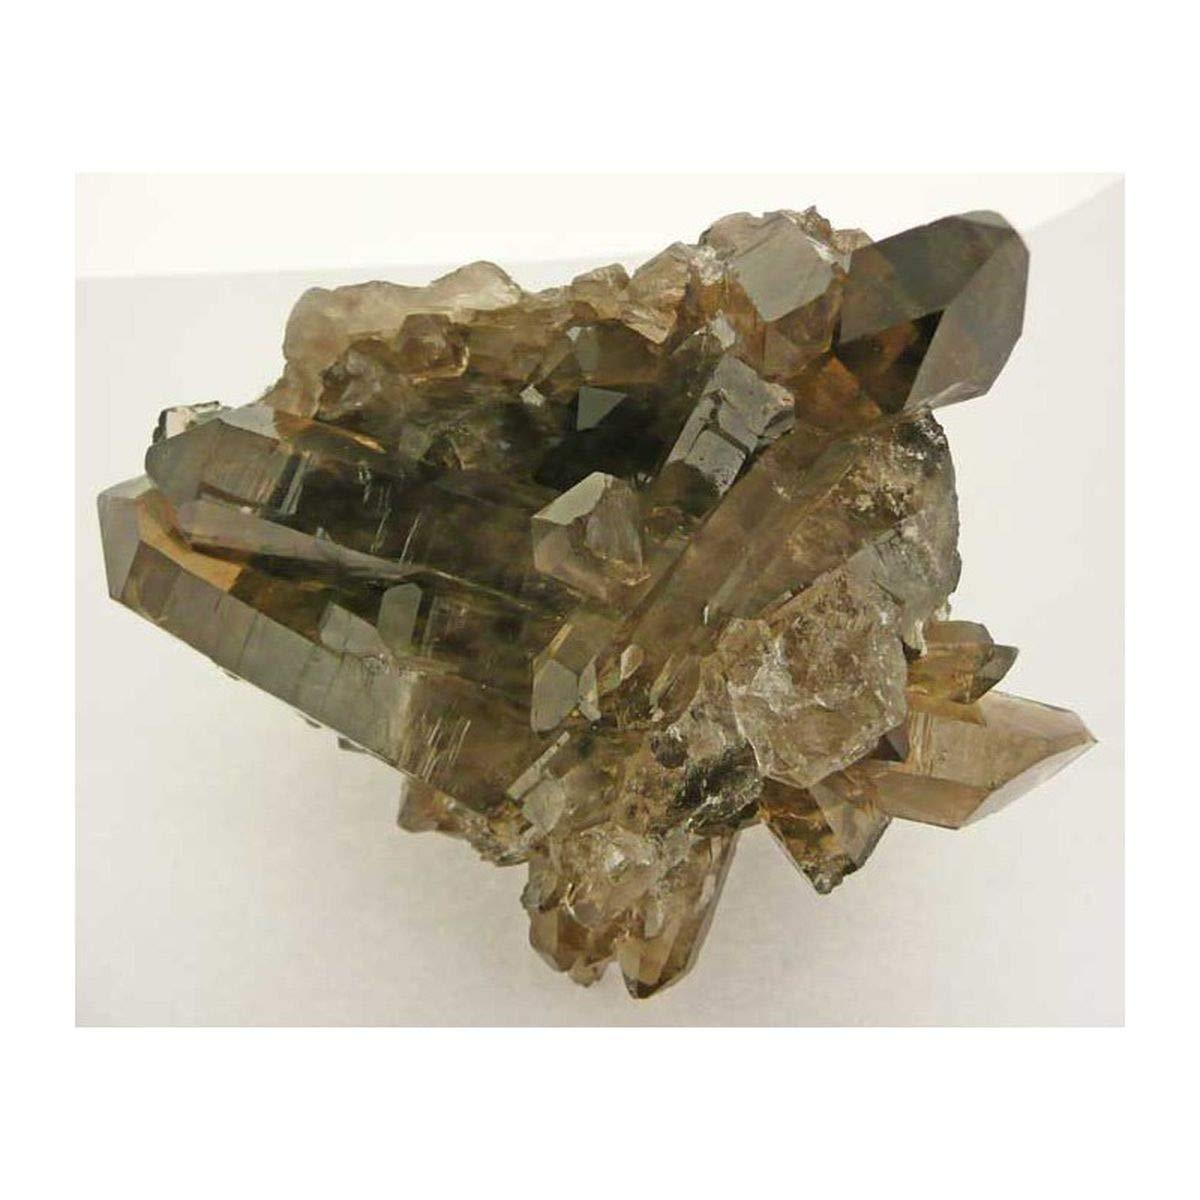 Drusa Cuarzo Ahumado en Bruto (El Precio es por 0.5Kg) Minerales y Cristales, Belleza energética, Meditacion, Amuletos Espirituales: Amazon.es: Hogar